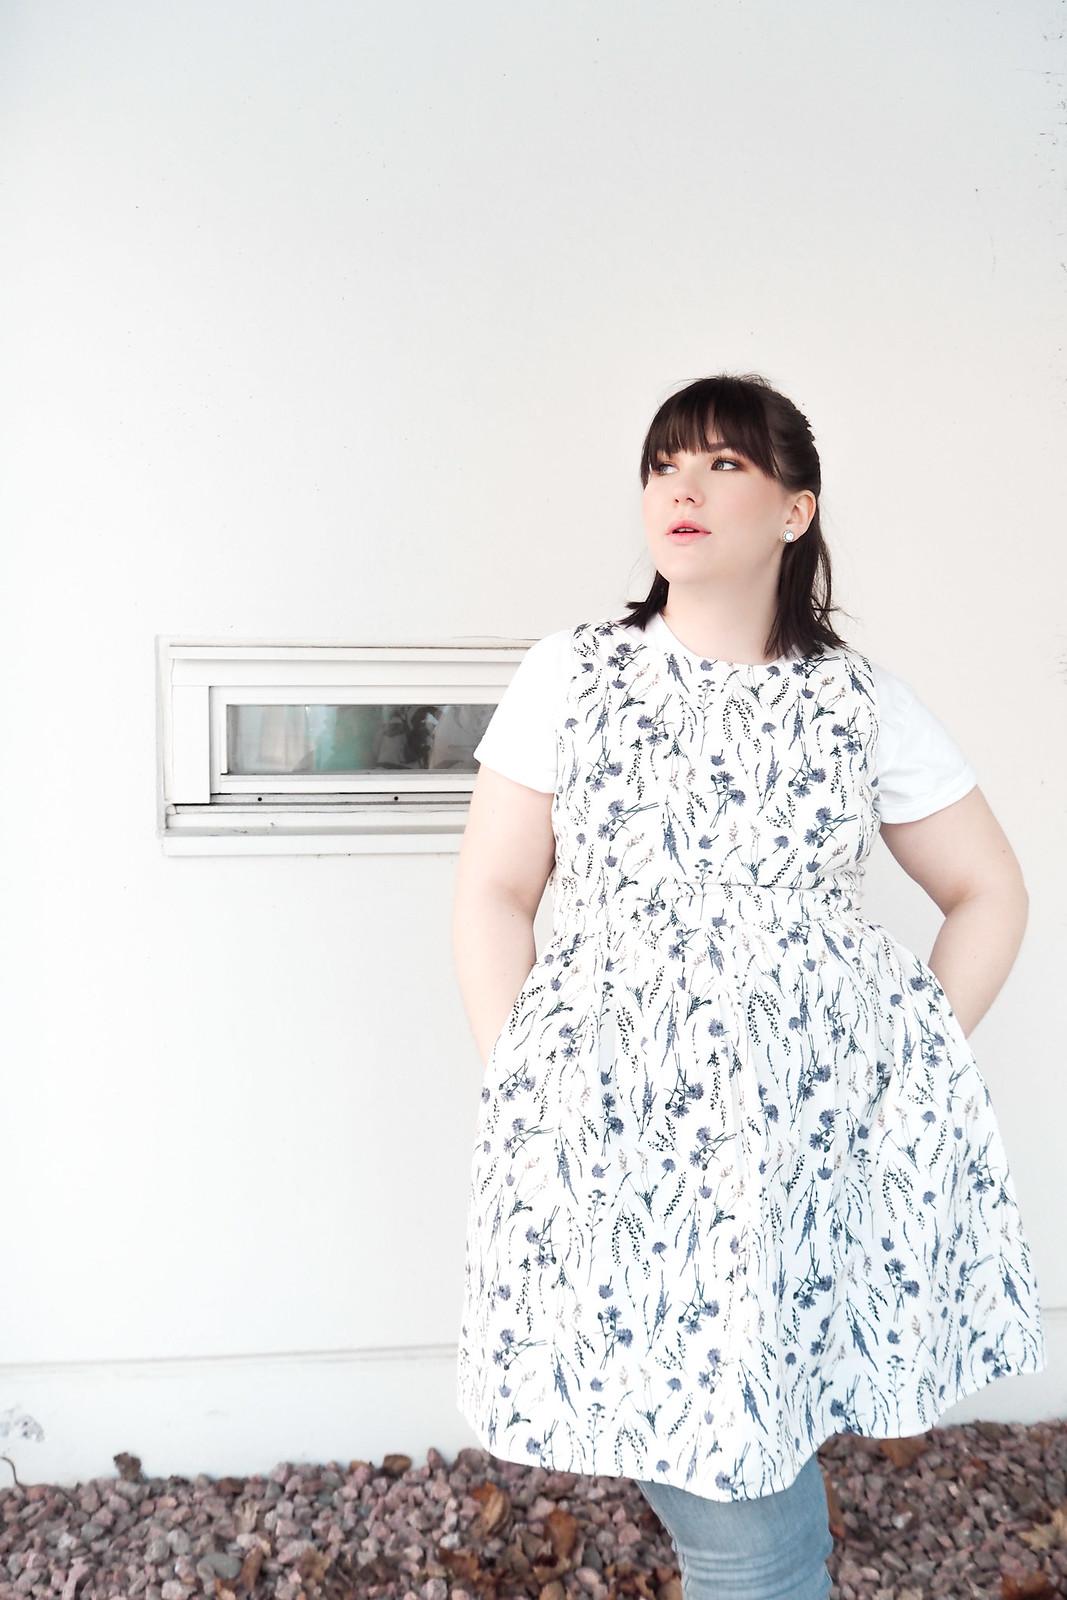 Jack Wills kukallinen mekko, levis vaaleat pillifarkut-14